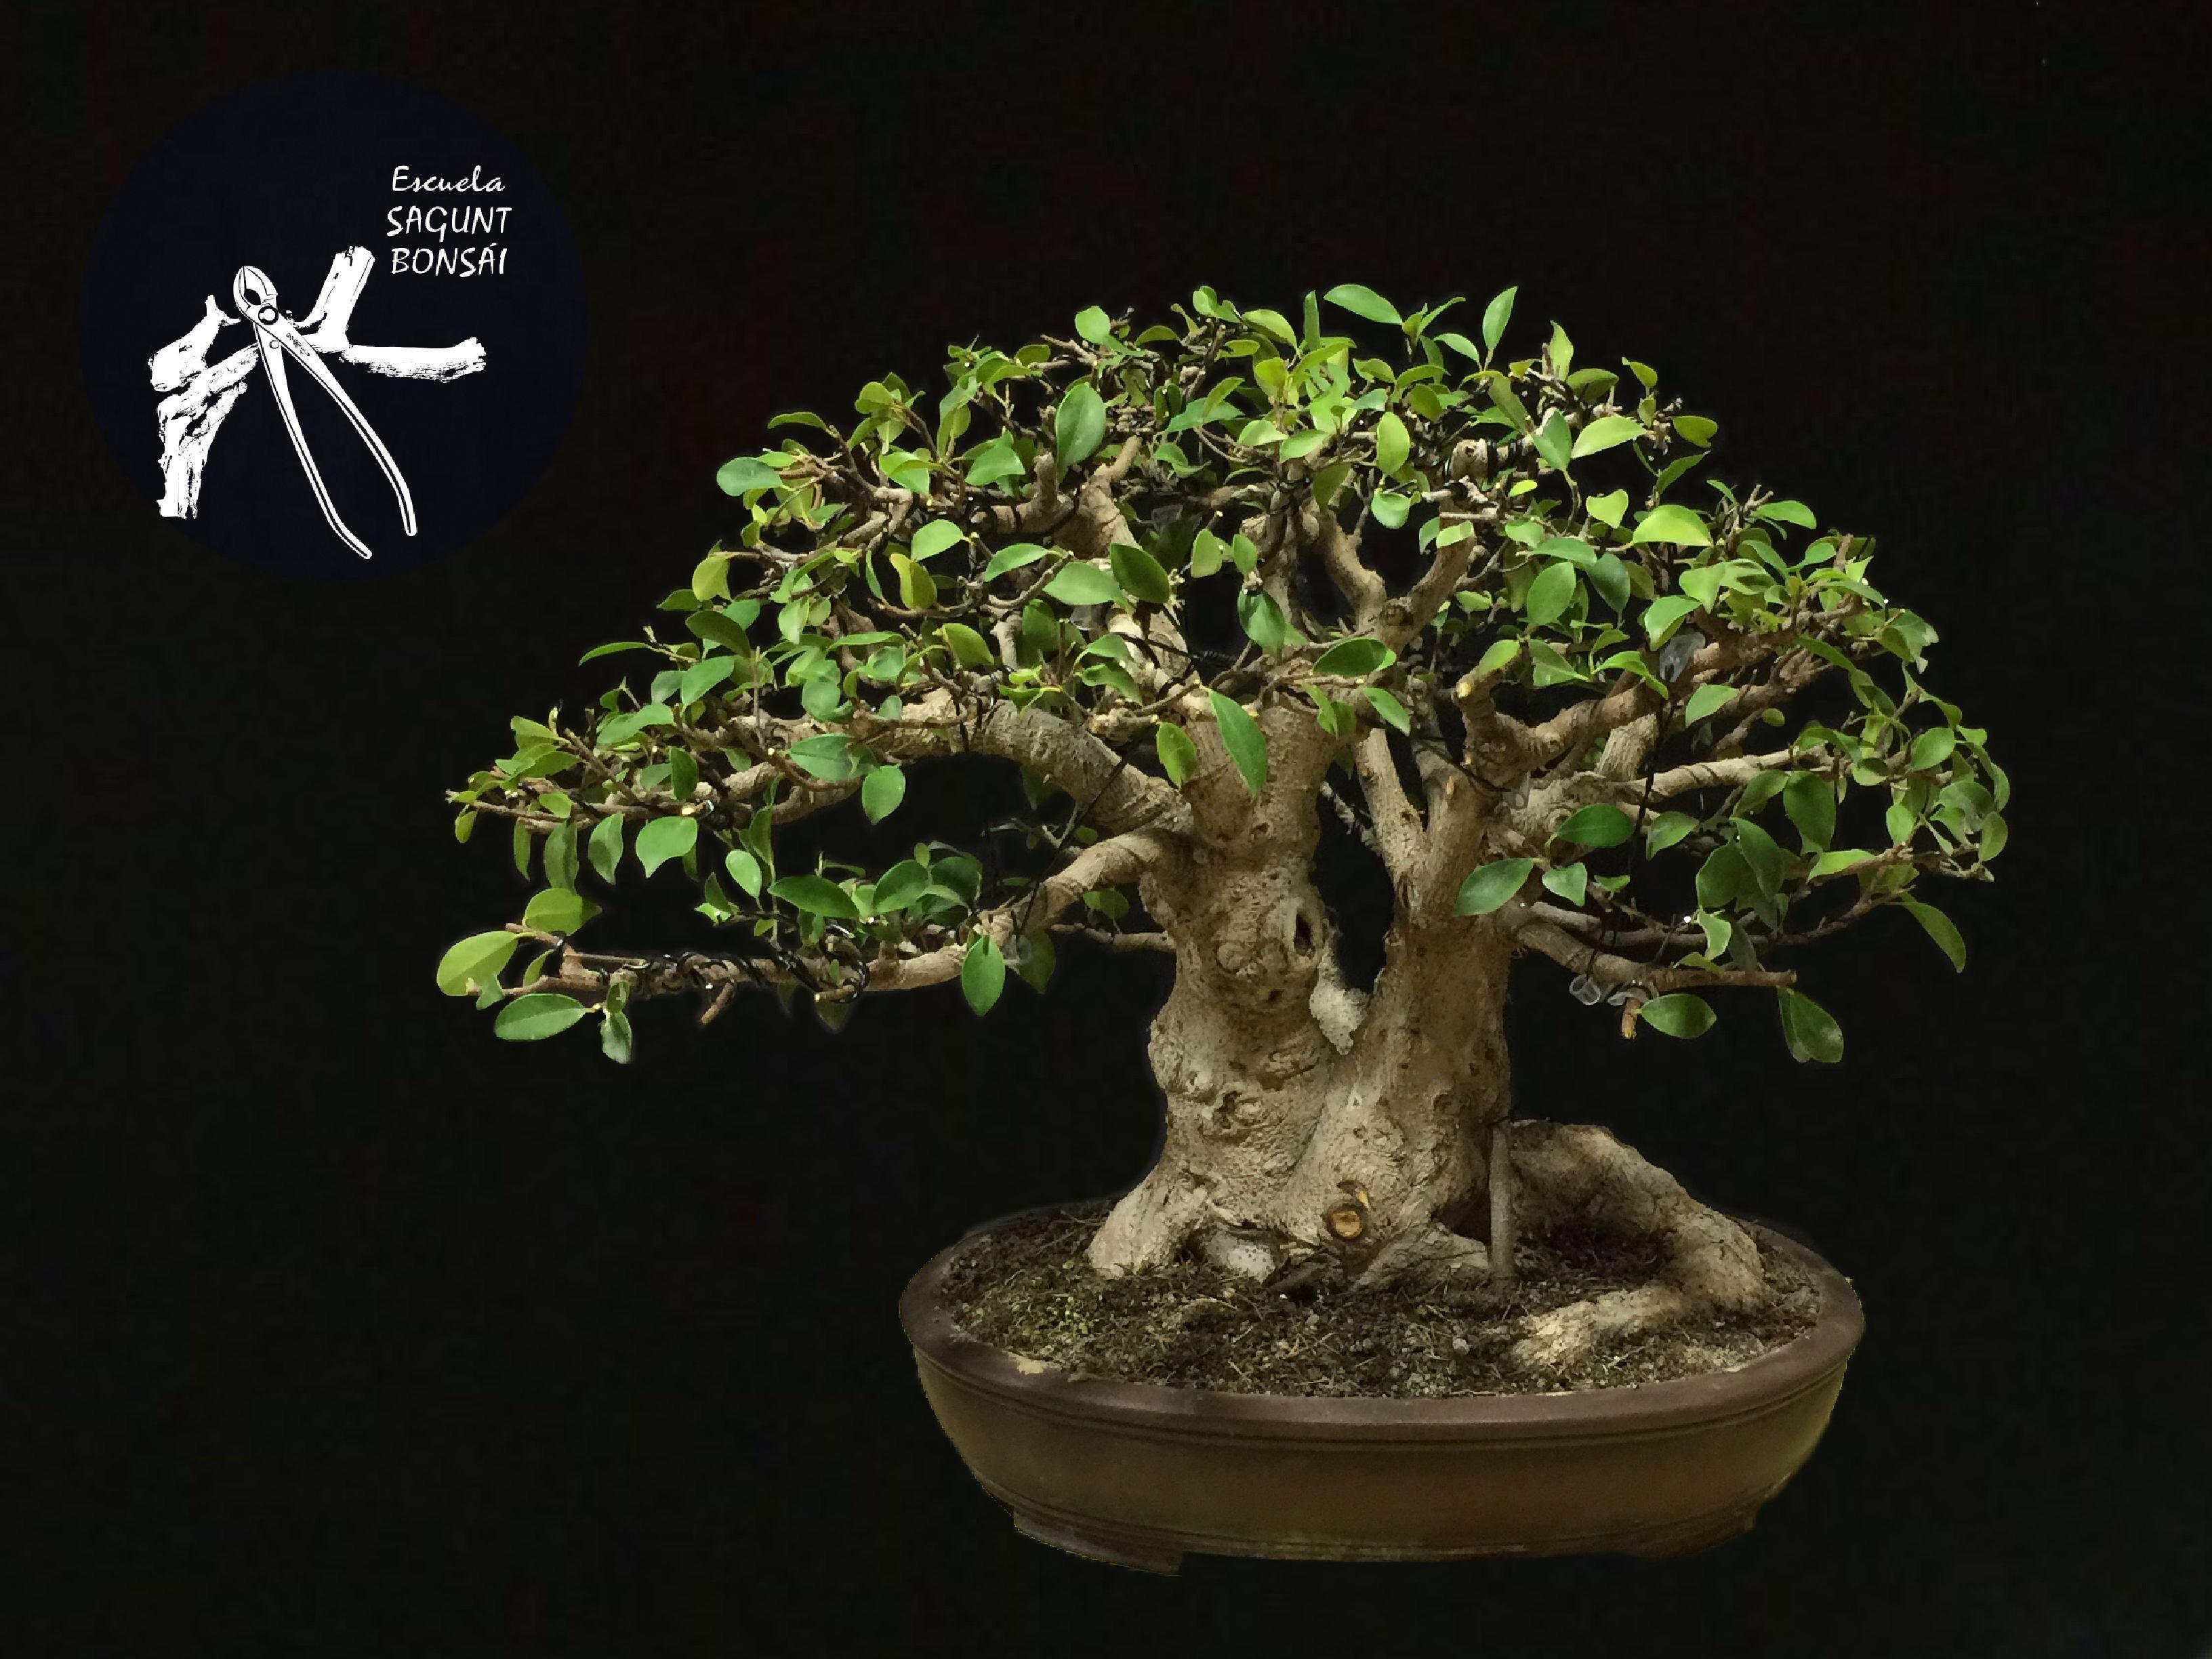 Ficus retusa escuela sagunt bons i - Cultivo de bonsai ...